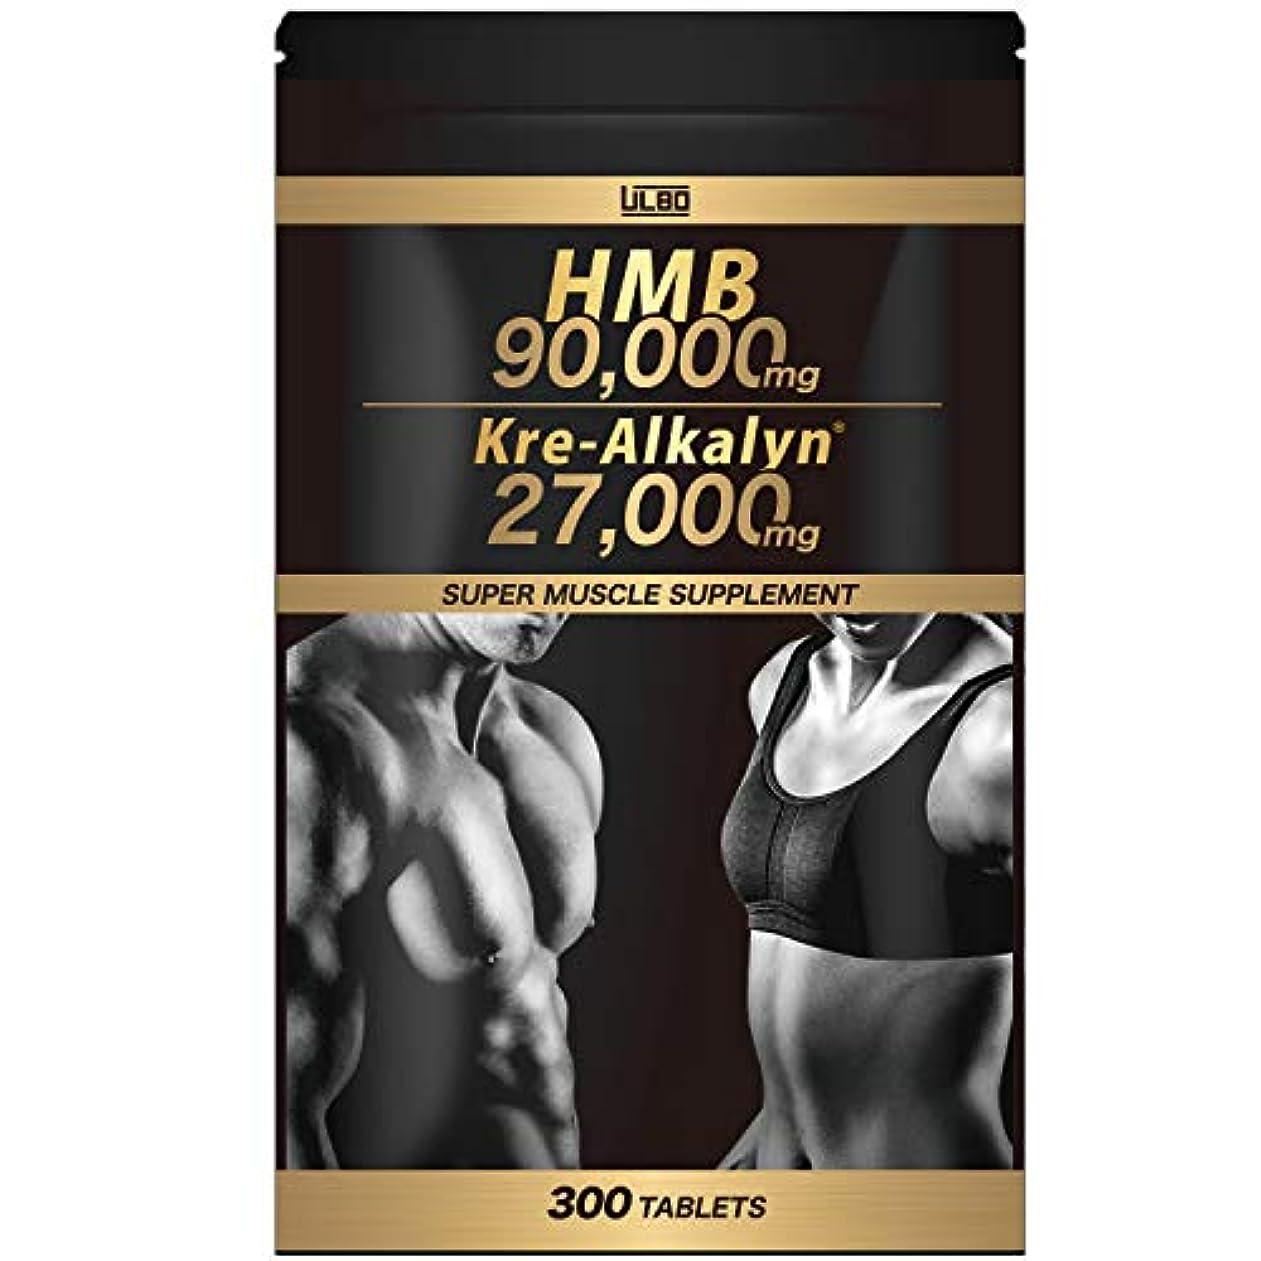 注釈を付ける残り資本主義ULBO HMB 吸収効率3.3倍 高純度クレアチン サプリメント 1袋HMB90,000mg配合